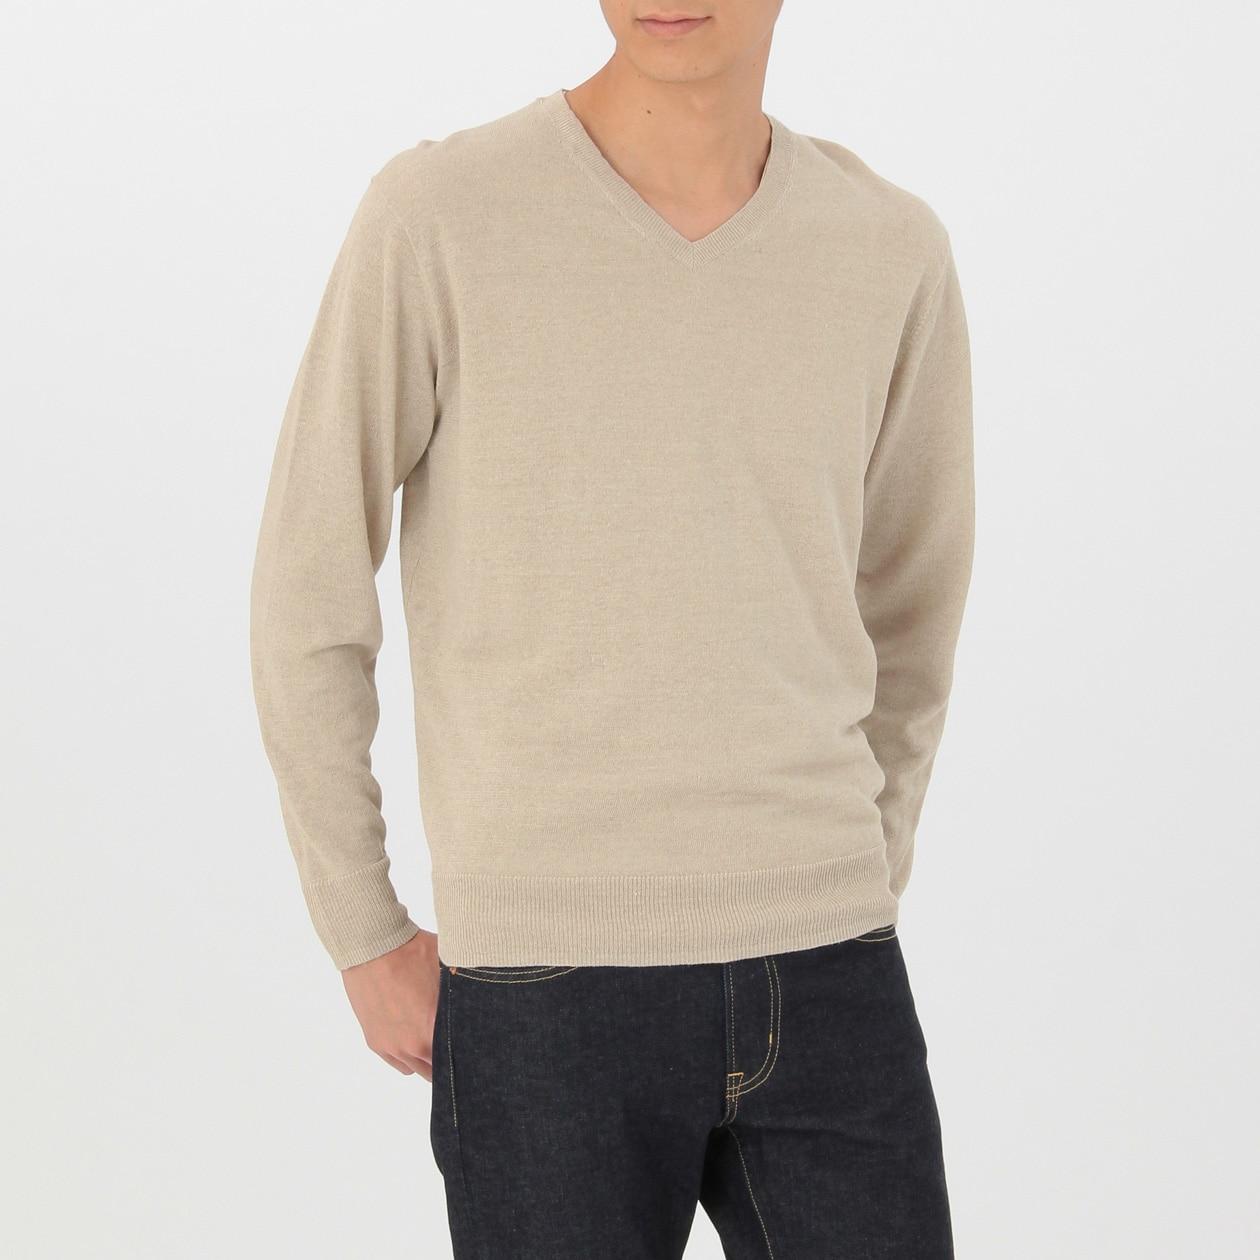 ユニクロのVネックセーター